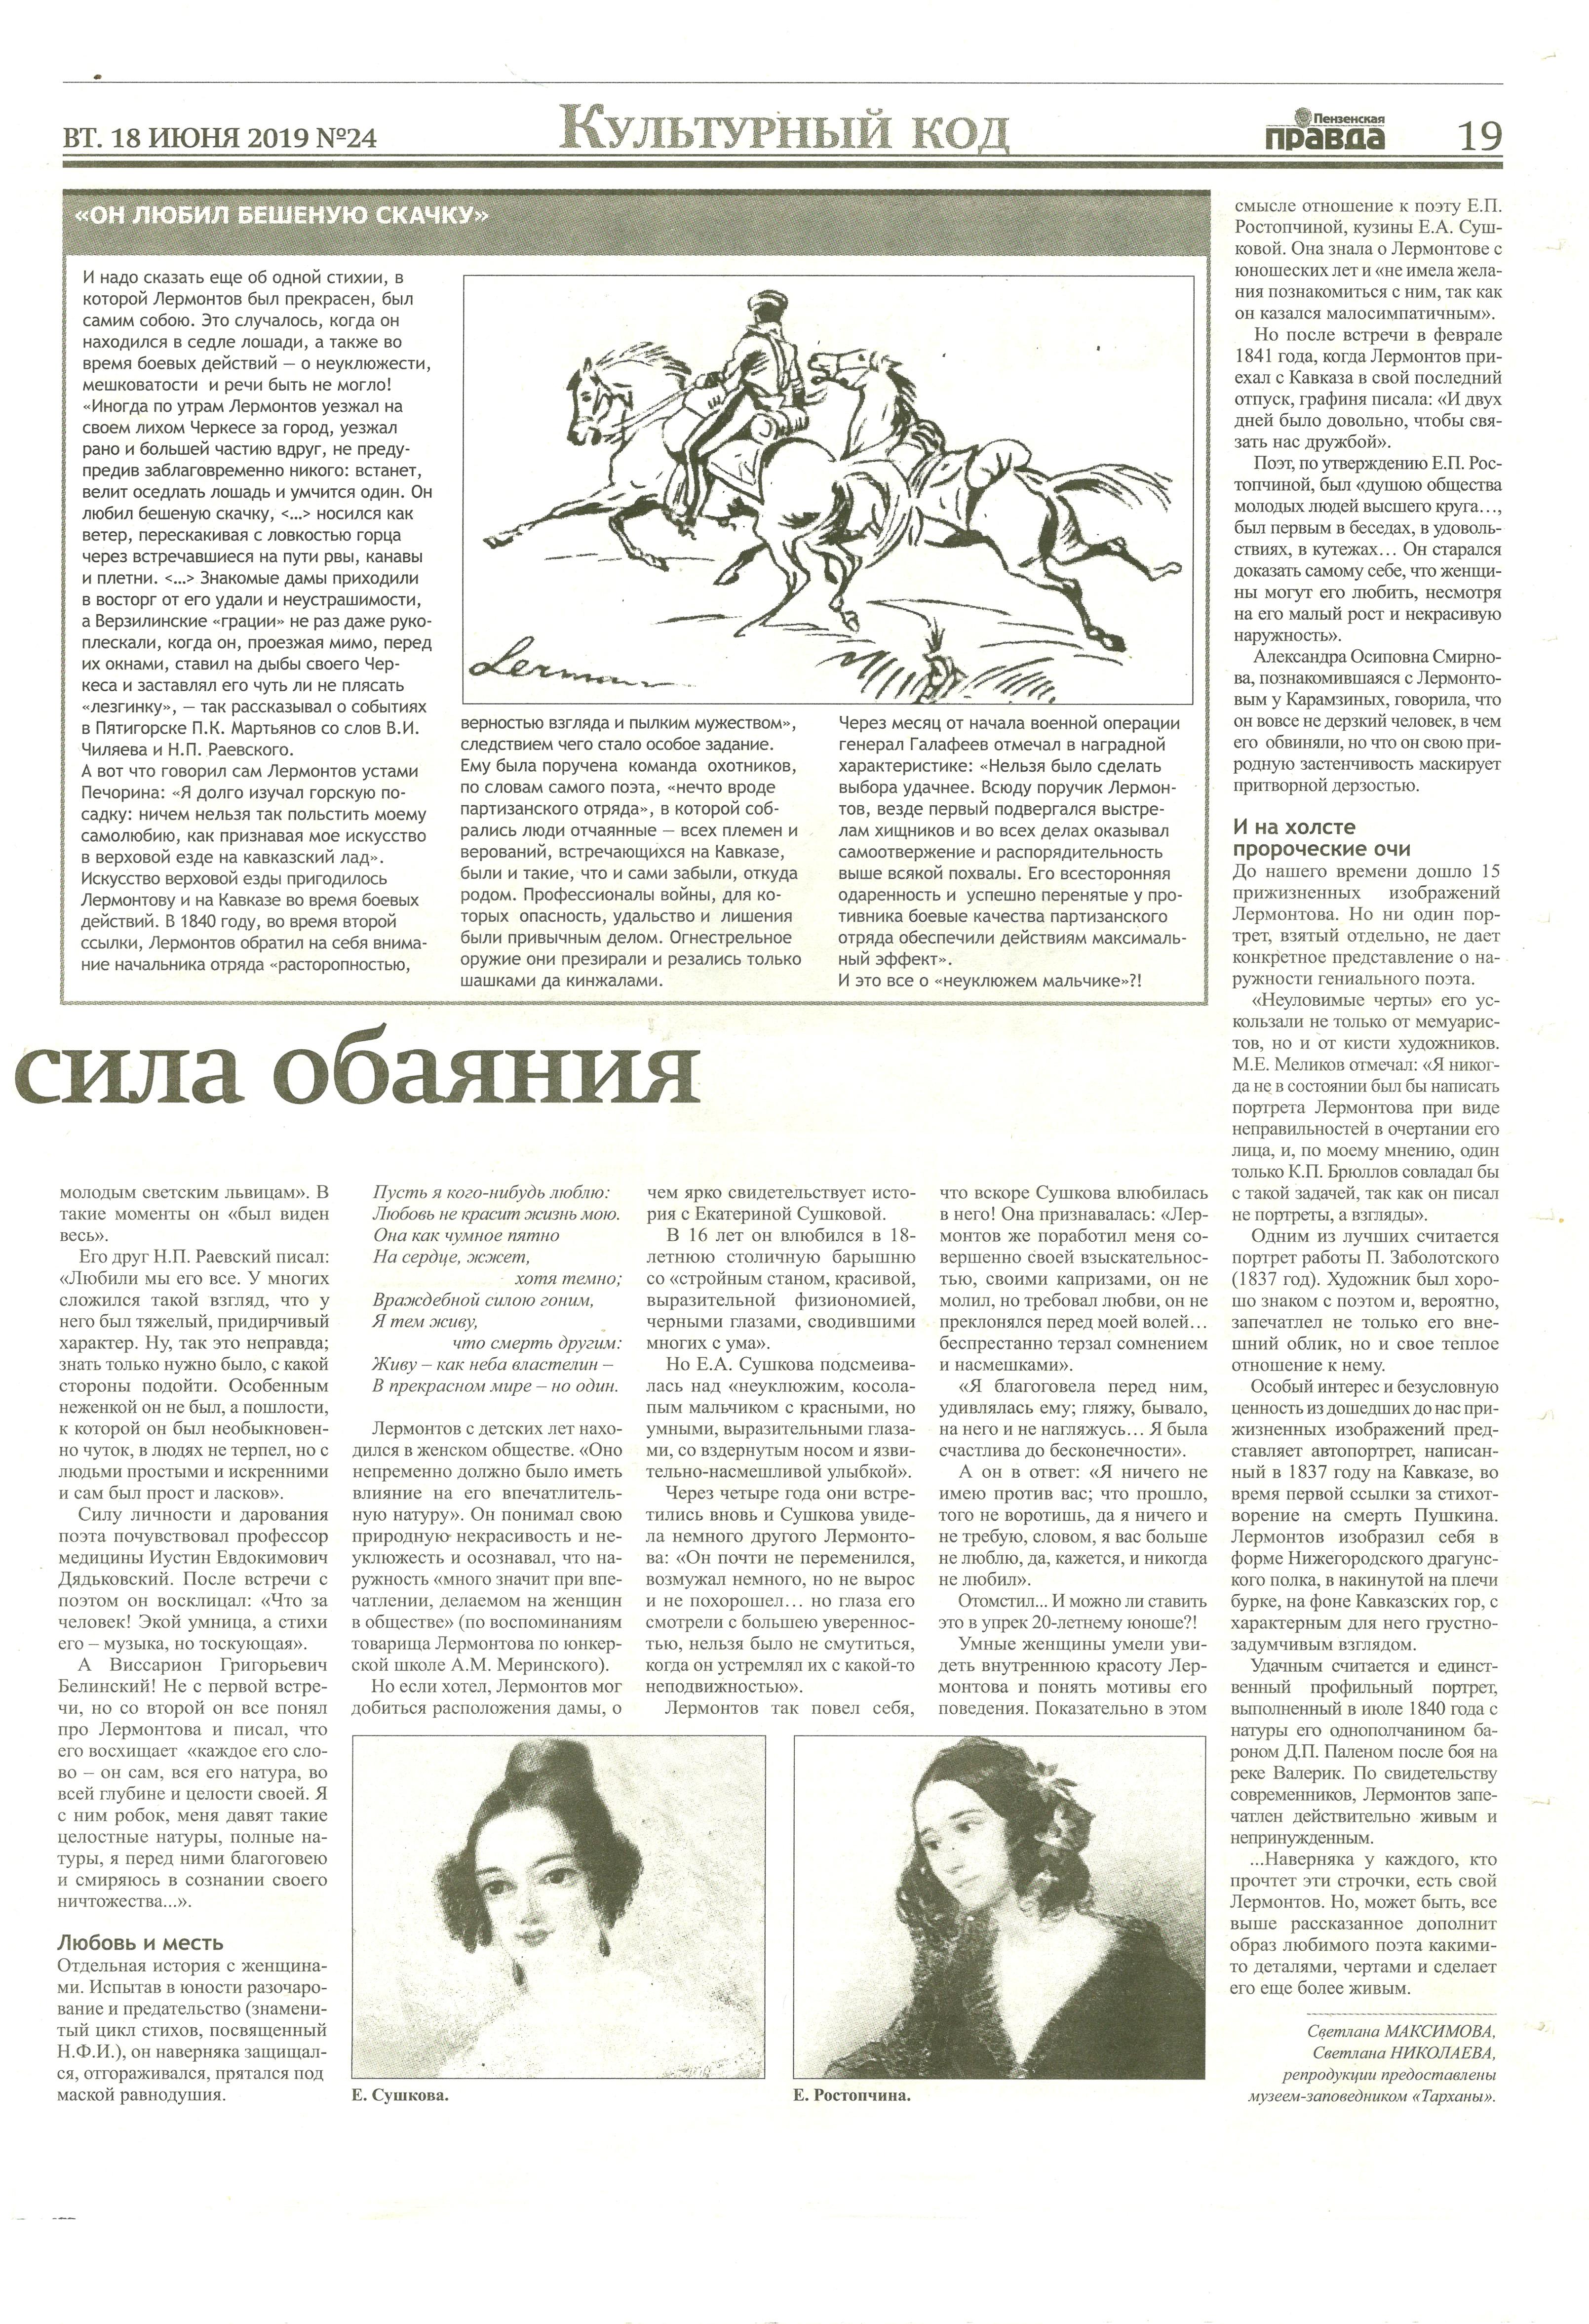 «Пензенская правда» 18 июня 2019 №24 «Михаил Юрьевич Лермонтов: сила обаяния»